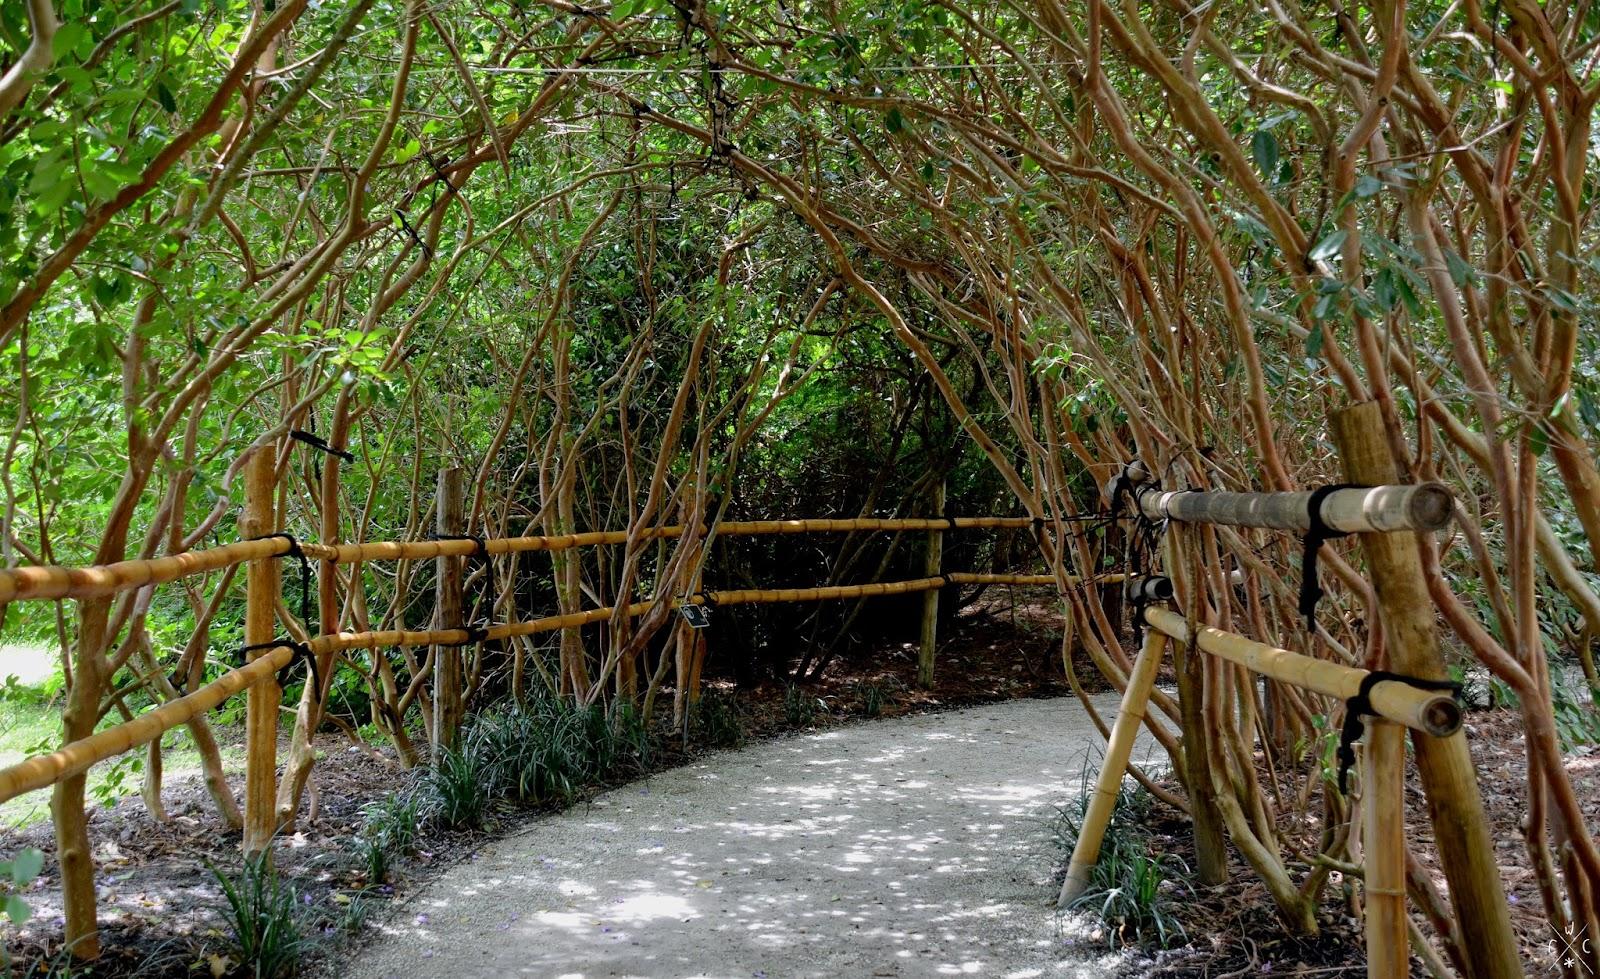 Morikami Museum and Japanese Gardens - Florida - USA